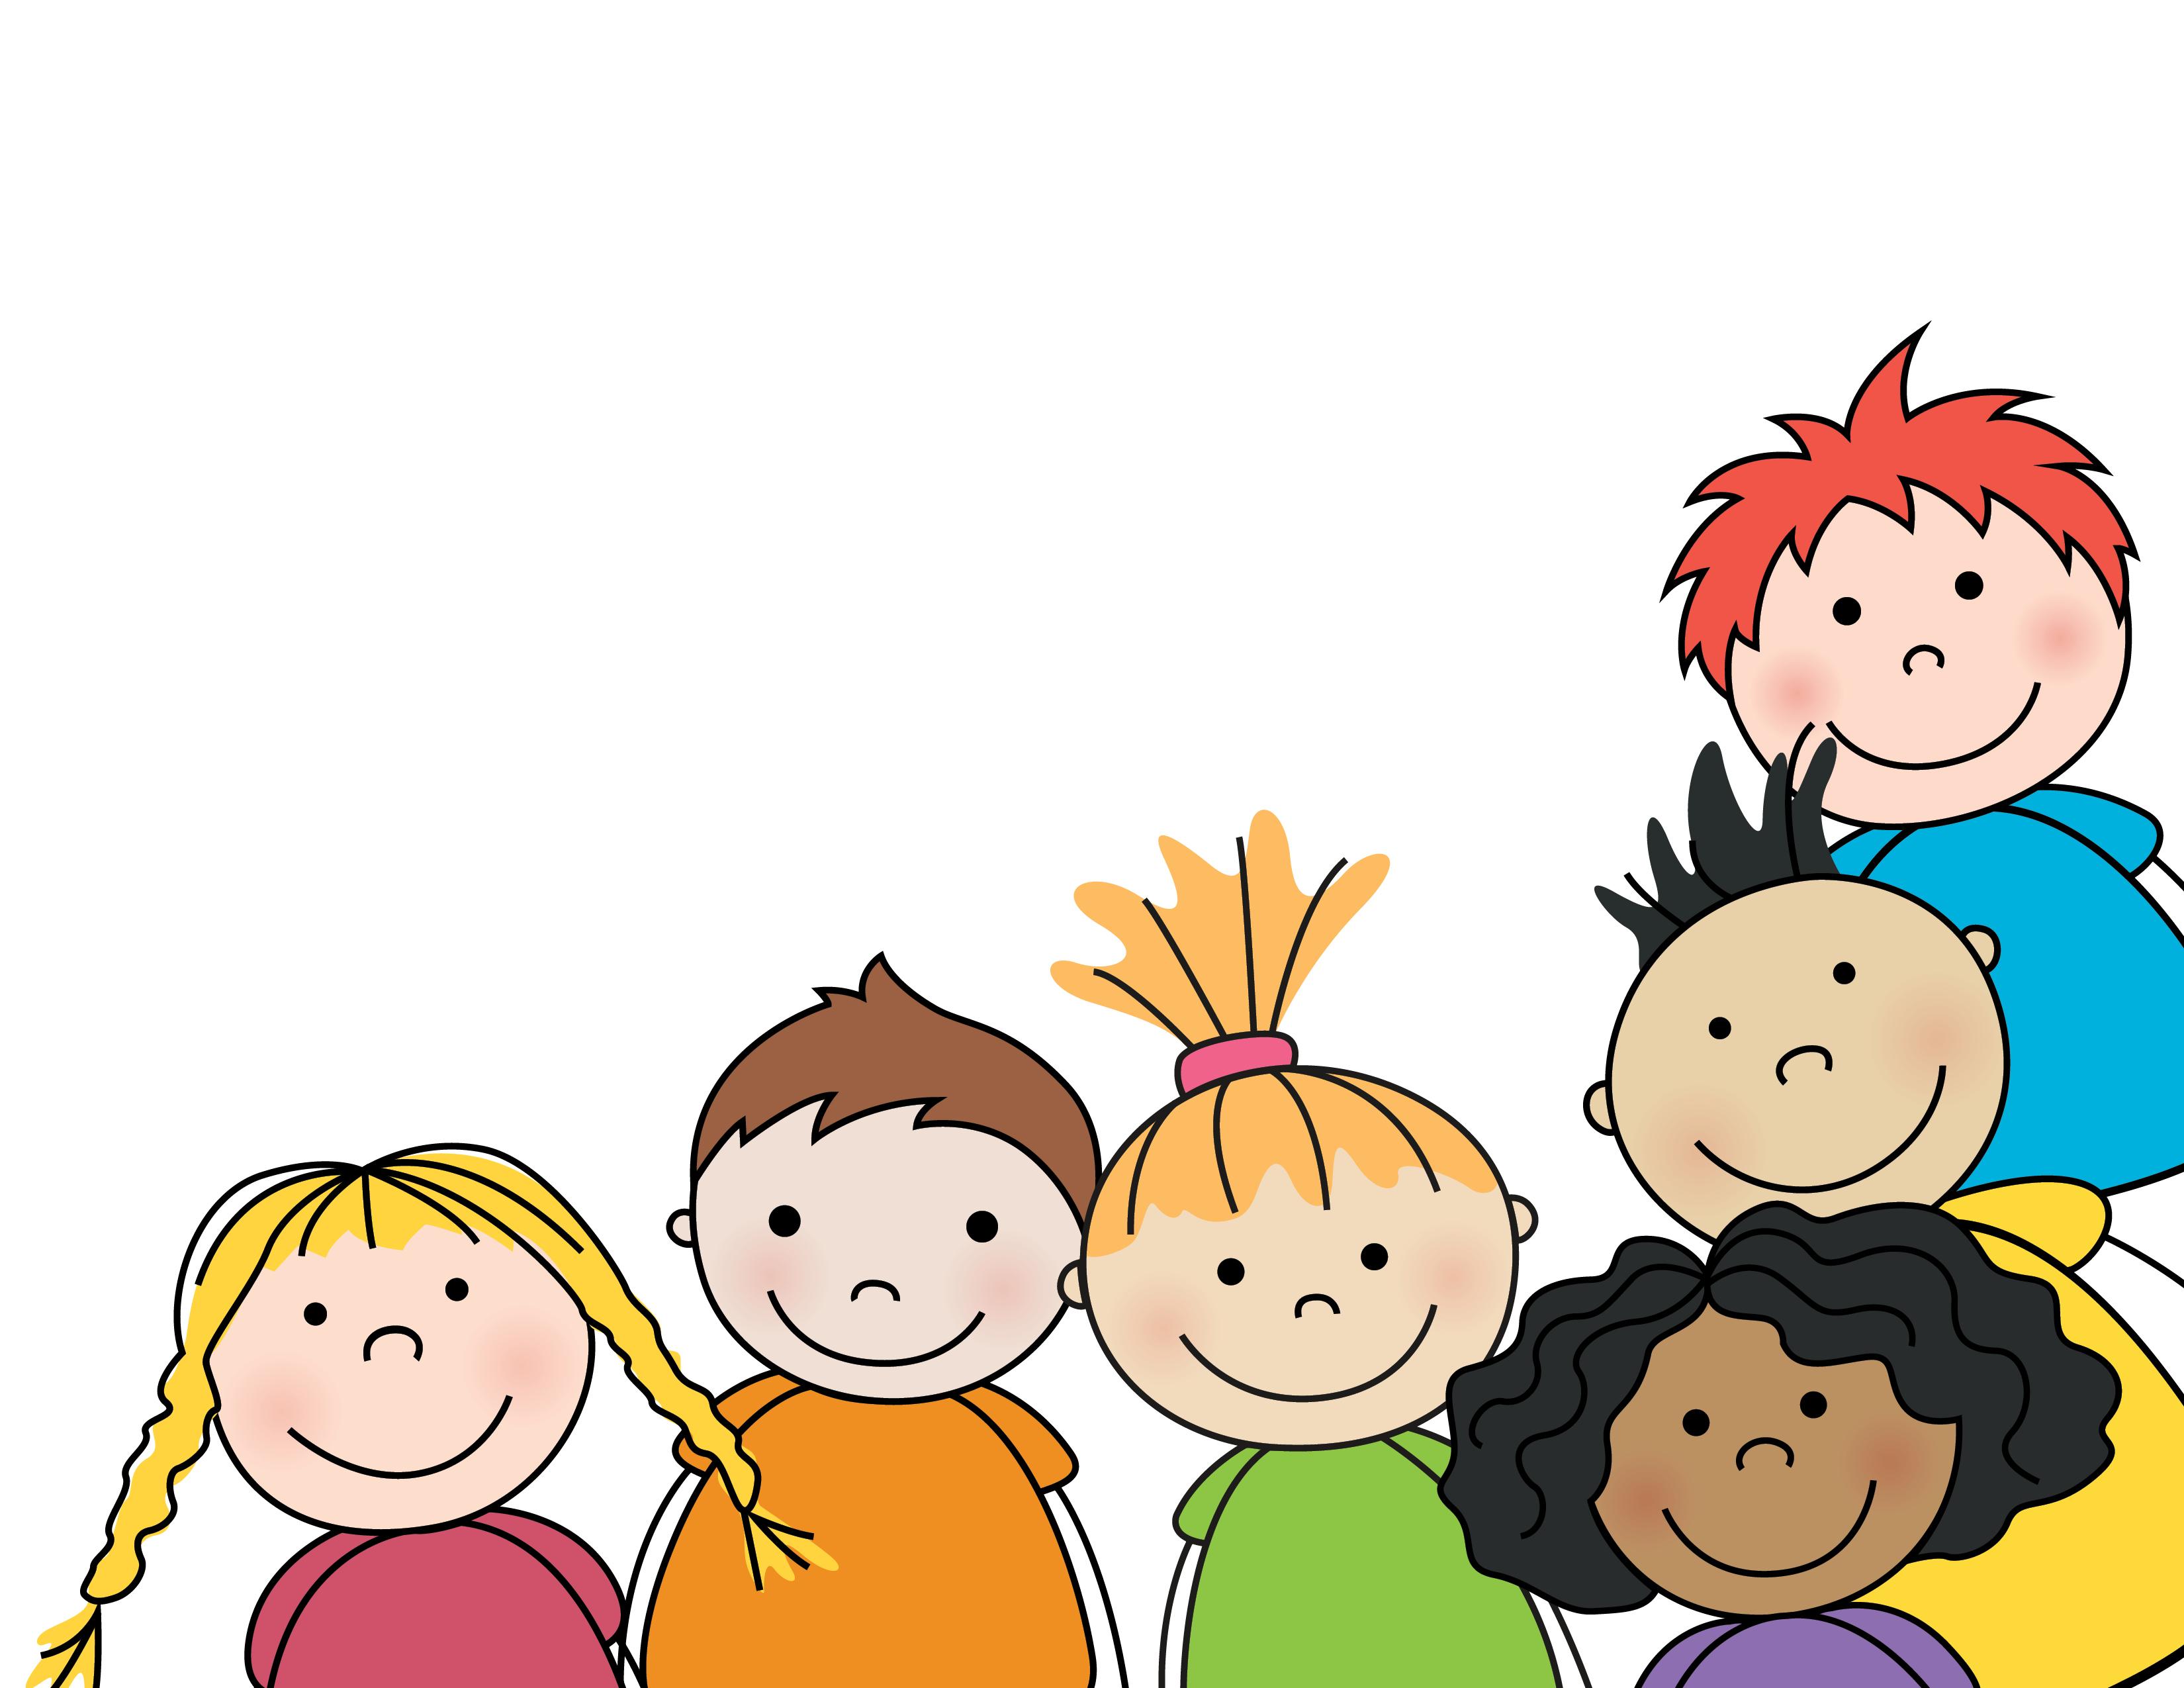 Acomodarea copiilor la grădiniţă